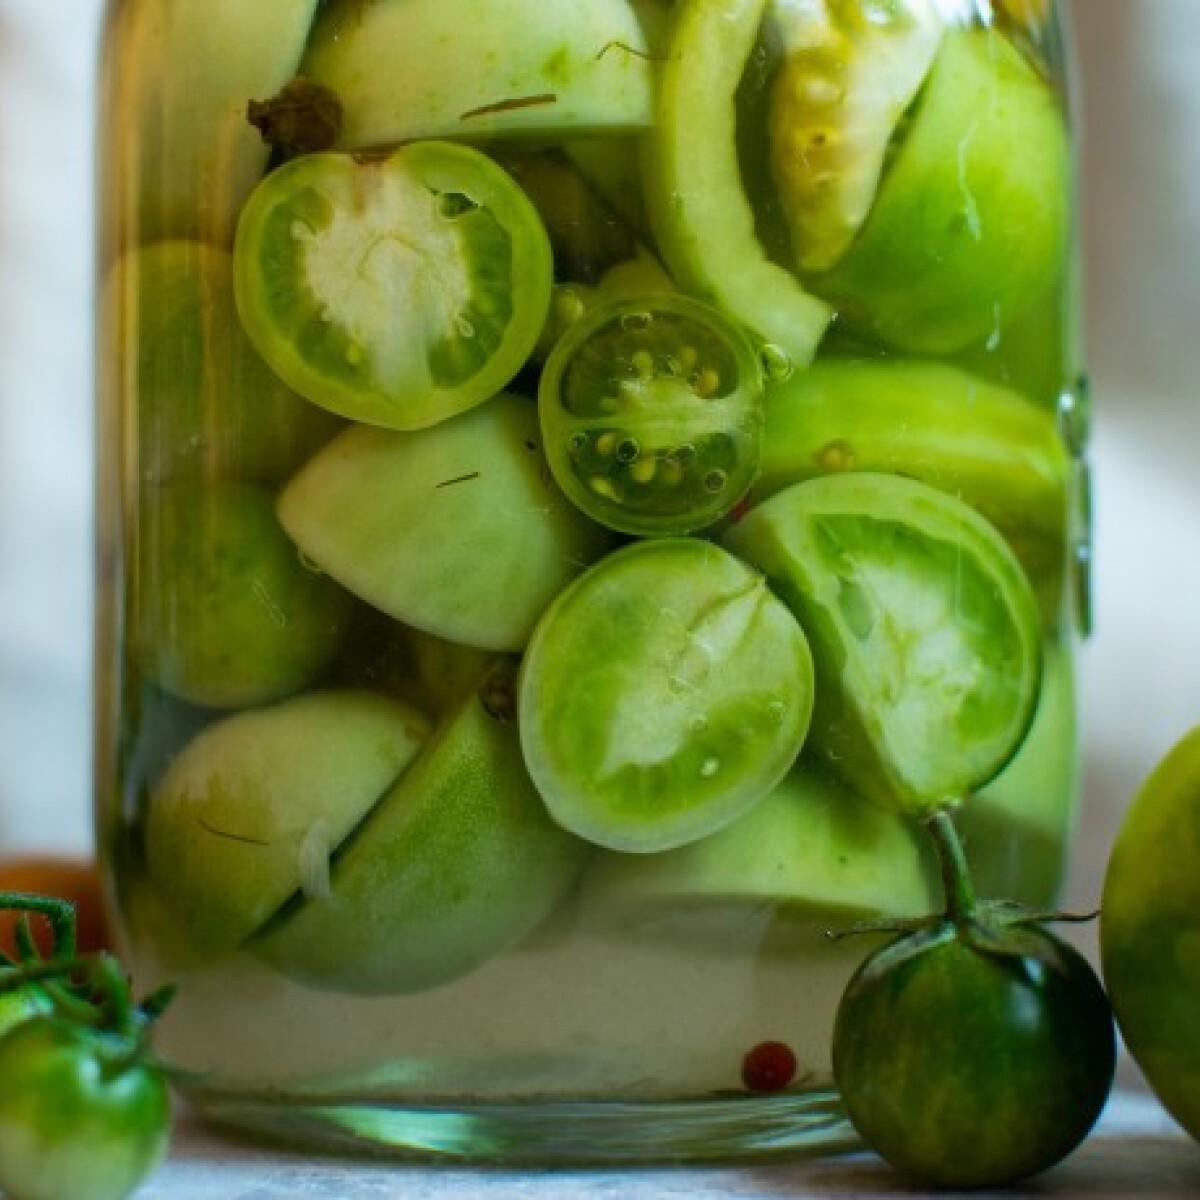 Mit csinálj, ha zöld maradt a paradicsomod? Tedd el mondjuk savanyúságnak!